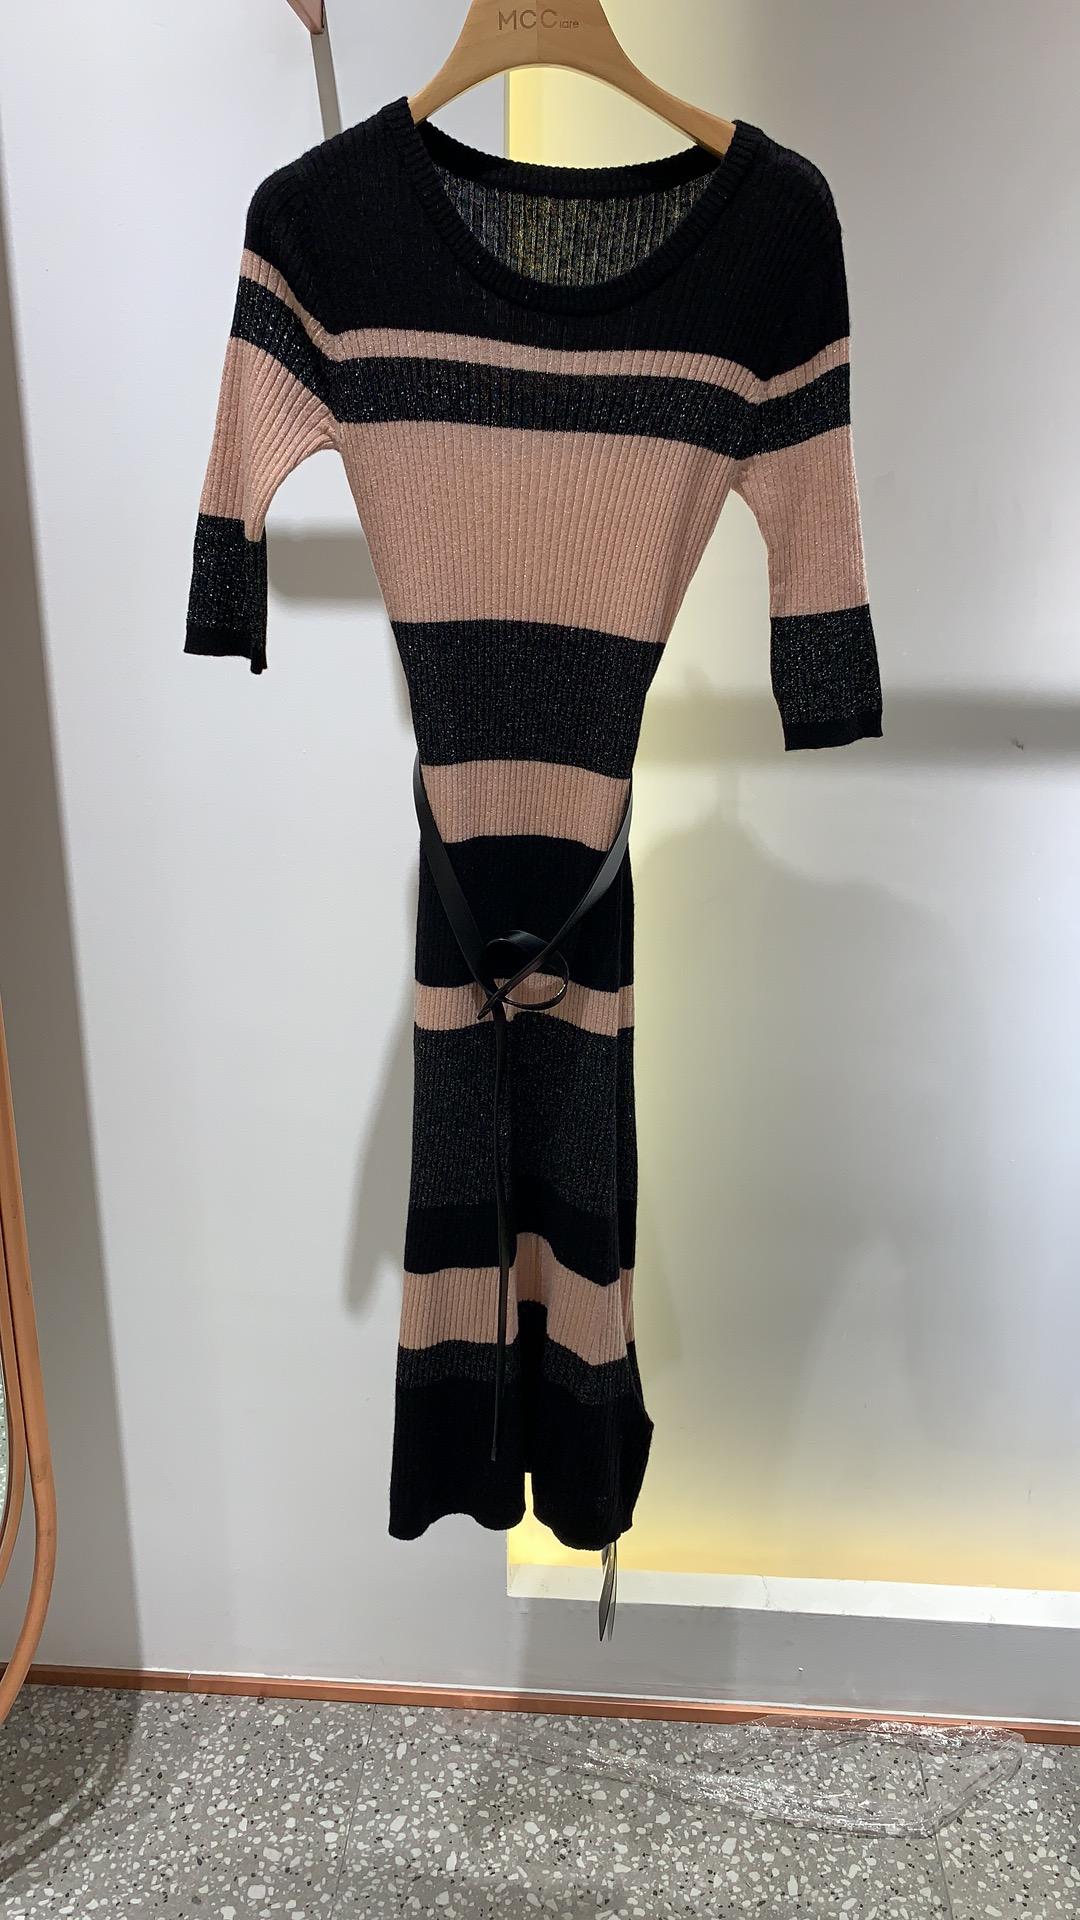 高档女装品牌连衣裙 【MCC高线品牌】秋季新款毛衣连衣裙  C83020291_推荐淘宝好看的品牌连衣裙